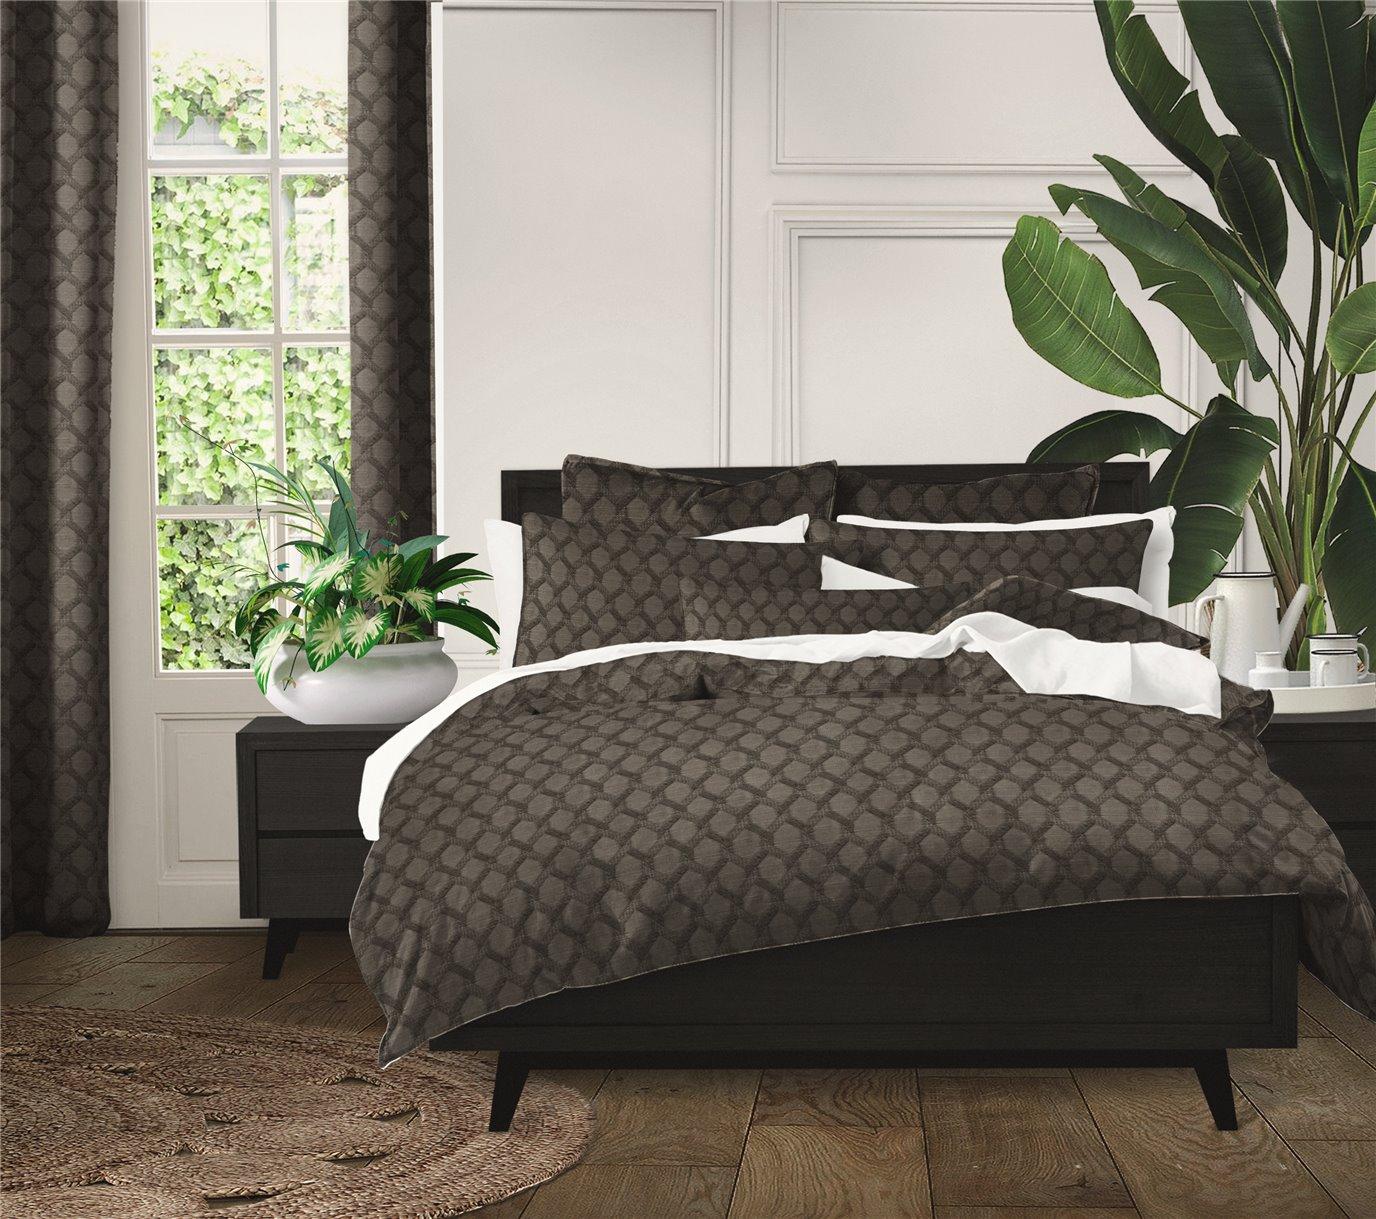 Malden Charcoal Comforter Set - Full